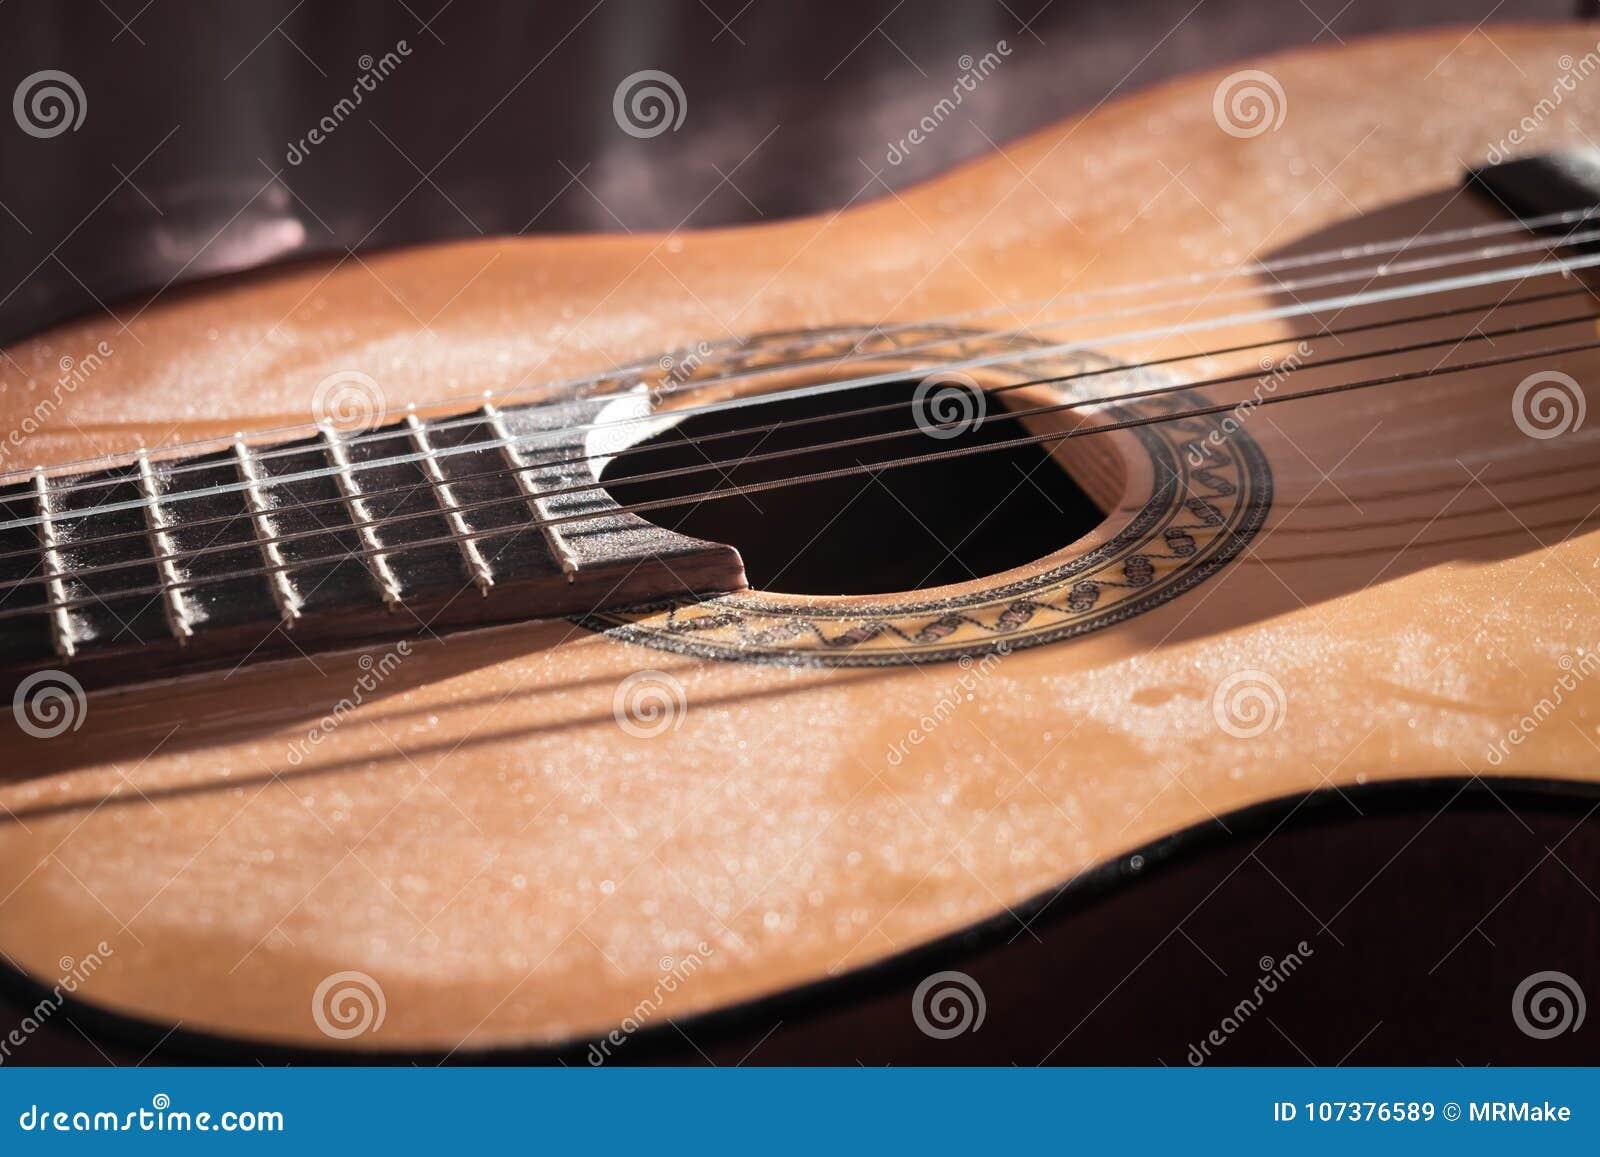 Close-up de Dusty Classical Guitar